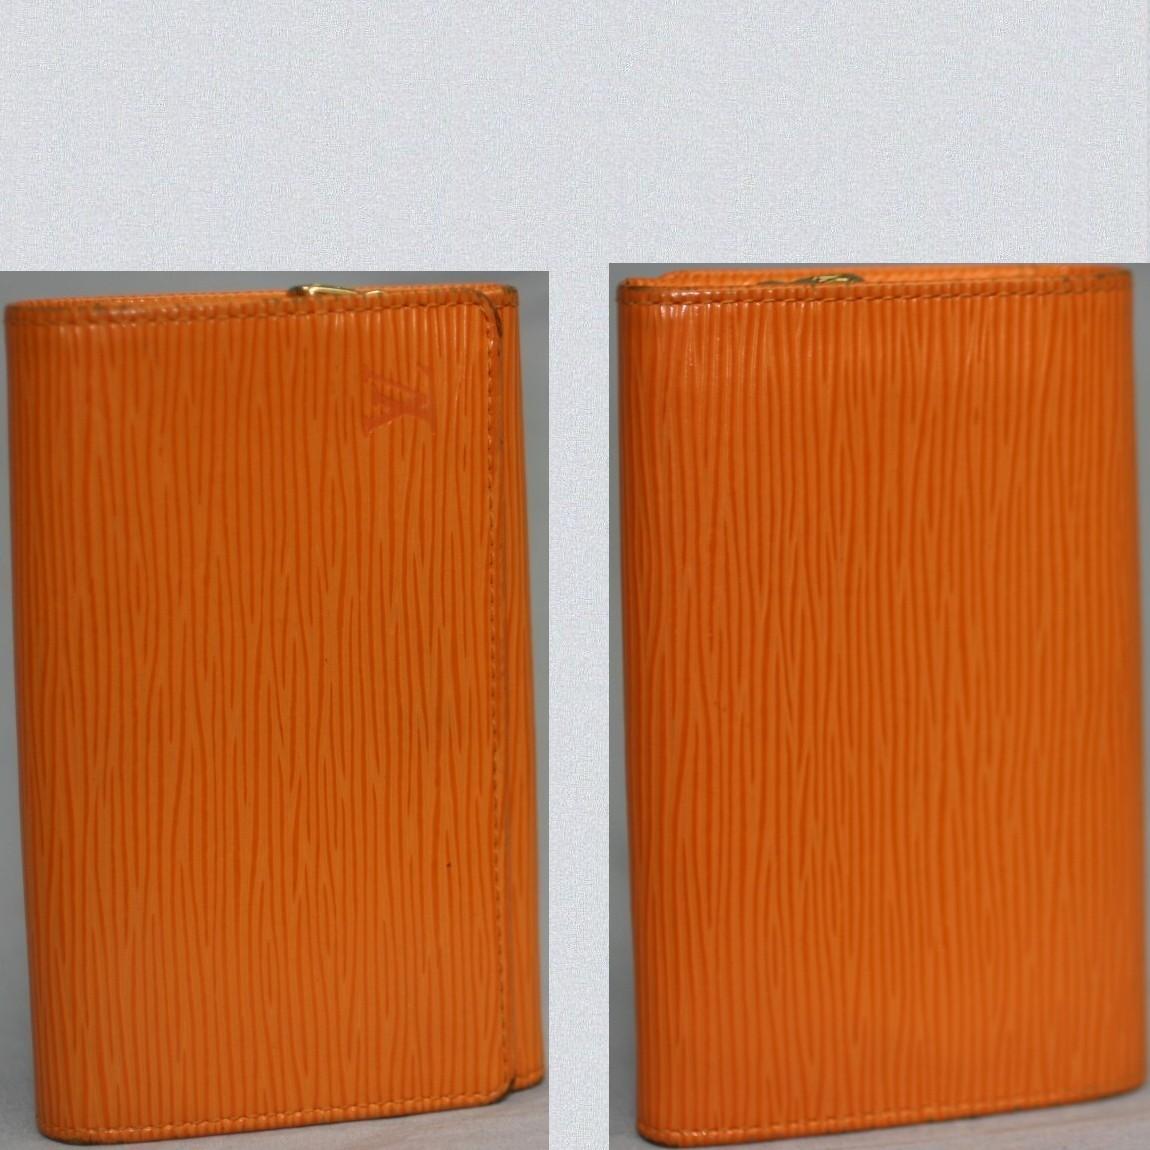 【中古】本物L/VM6350Hエピ女性用マンダリンL地ファスナー付財布